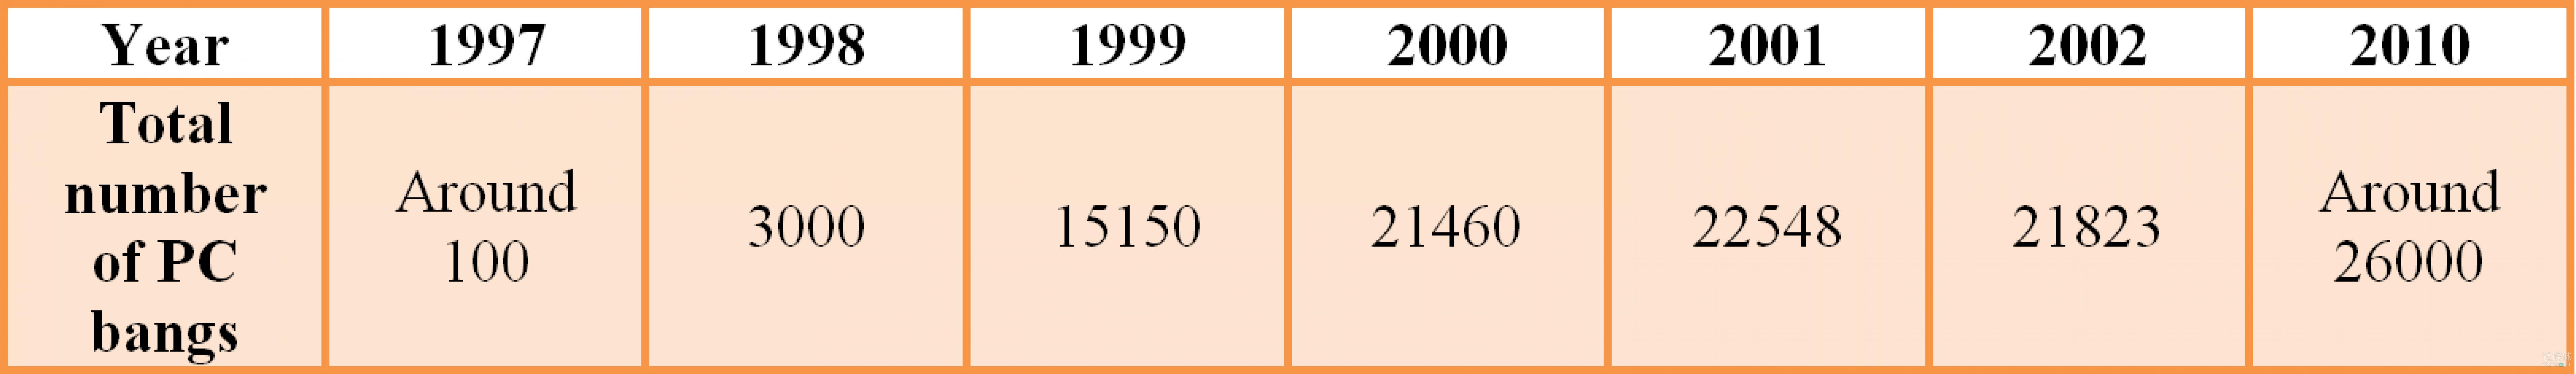 PC 房在韩国的增长变化